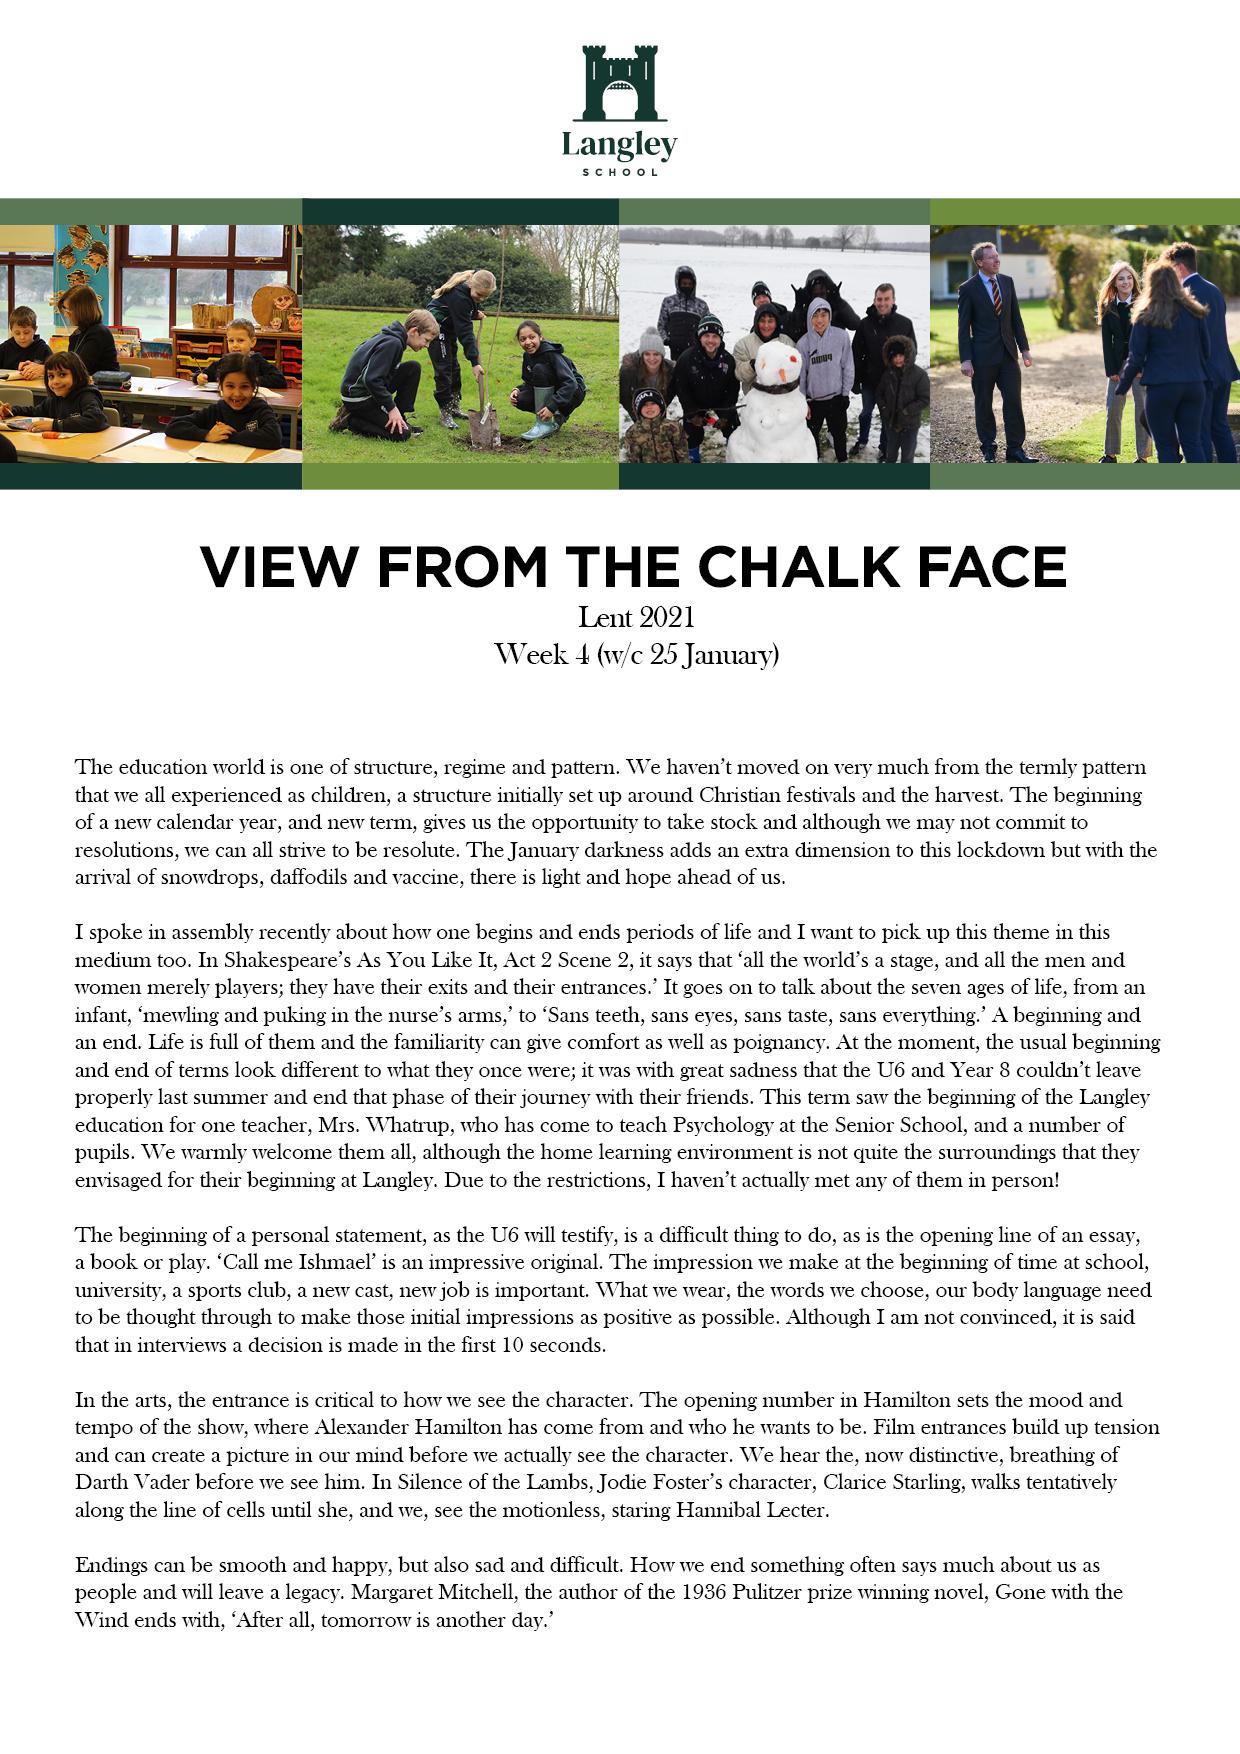 ViewfromtheChalkFace WK4